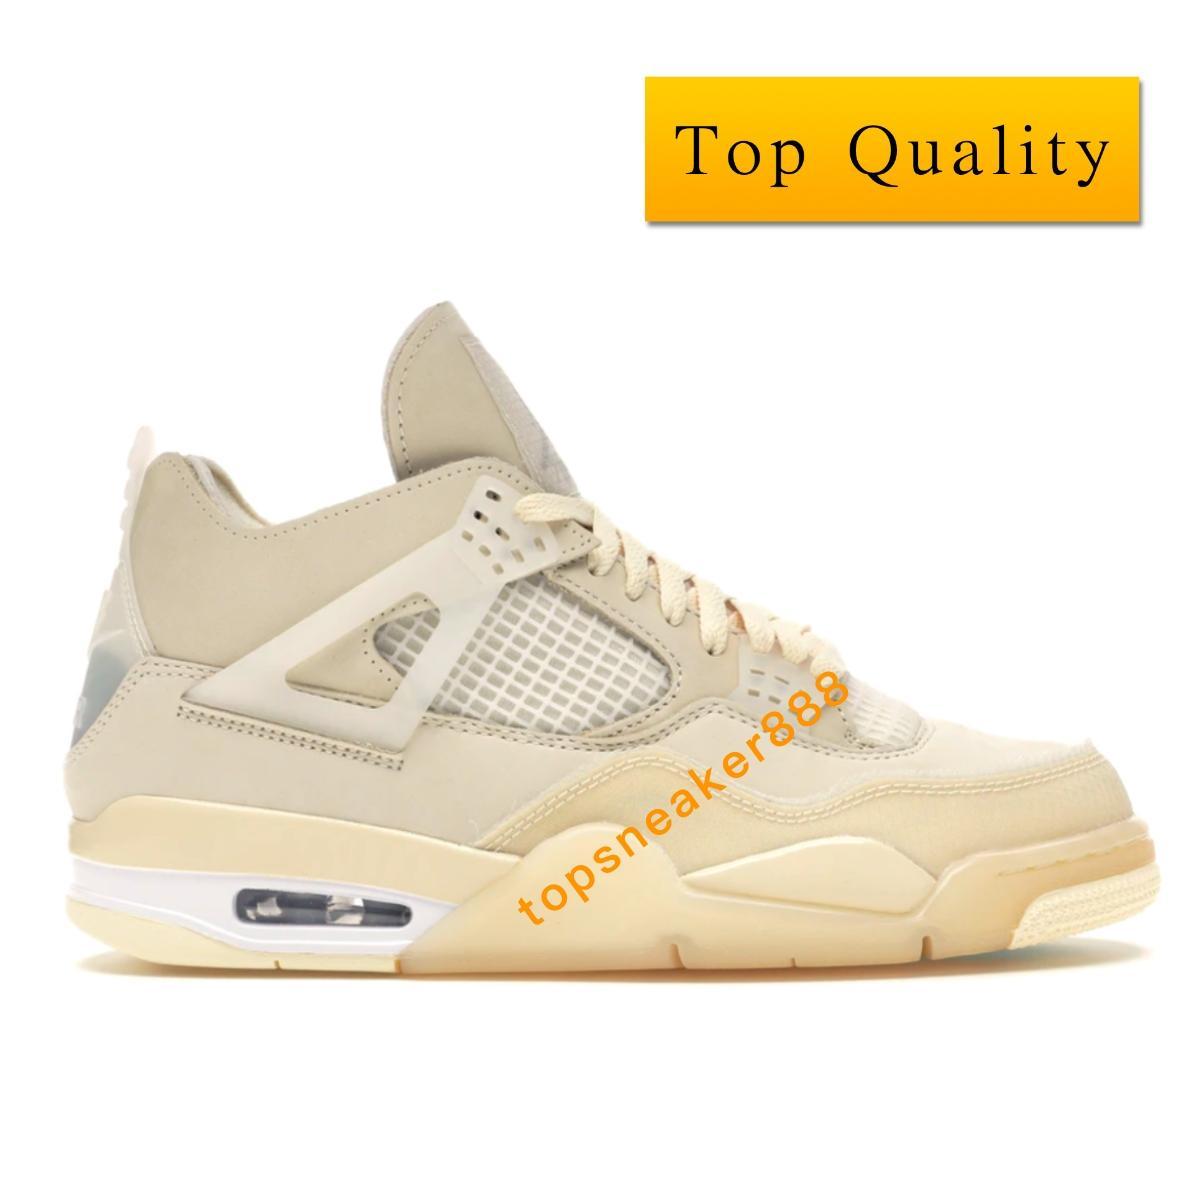 أحذية أعلى جودة الإبحار رجل حذاء رياضة كرة السلة FW2020 المرأة أبيض أسود كرة السلة مع صندوق حجم 36-46